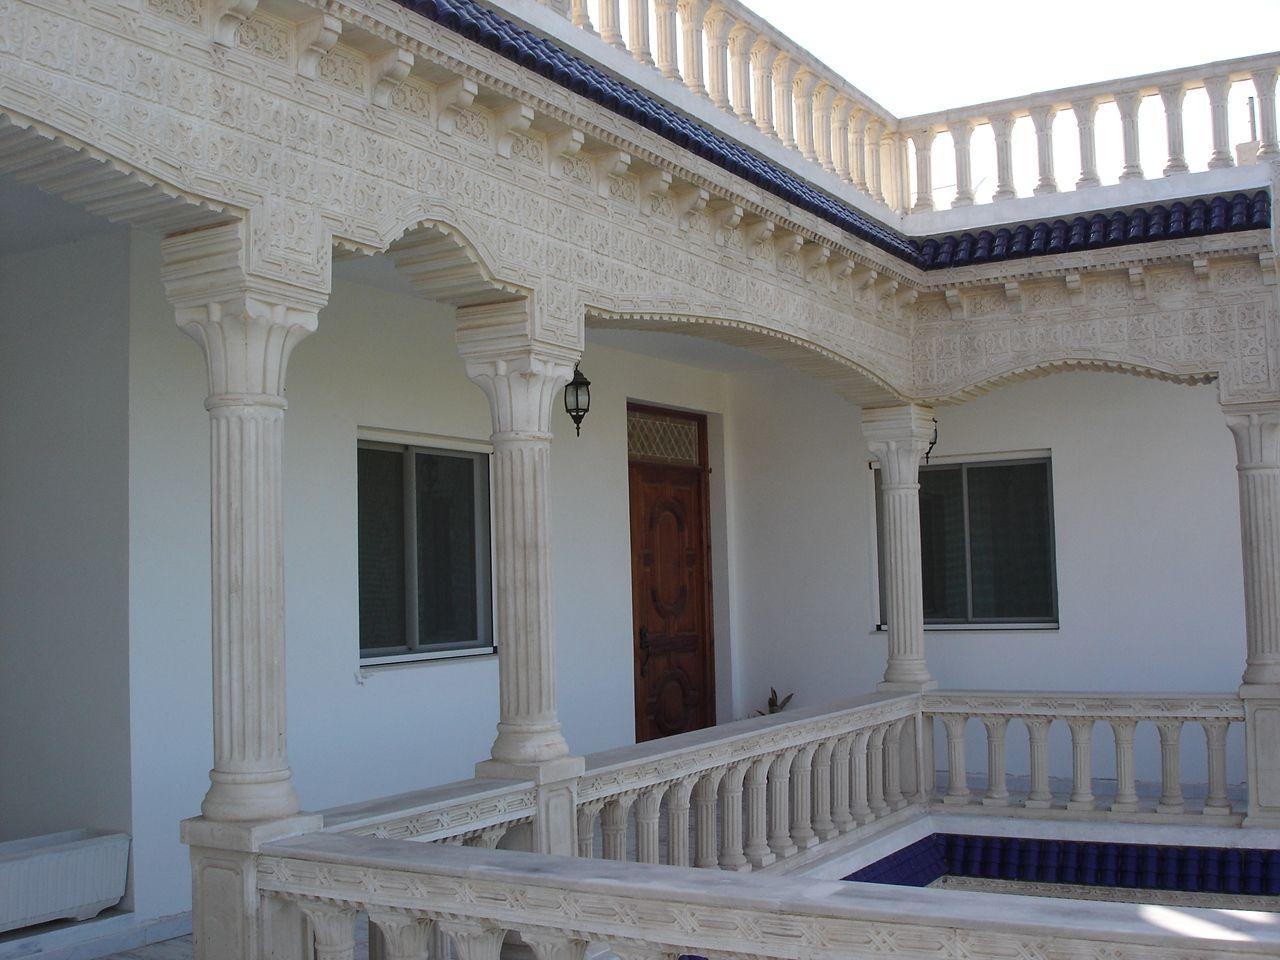 Maison a diar ben salem beni khiar vente maison diar for Acheter maison algerie